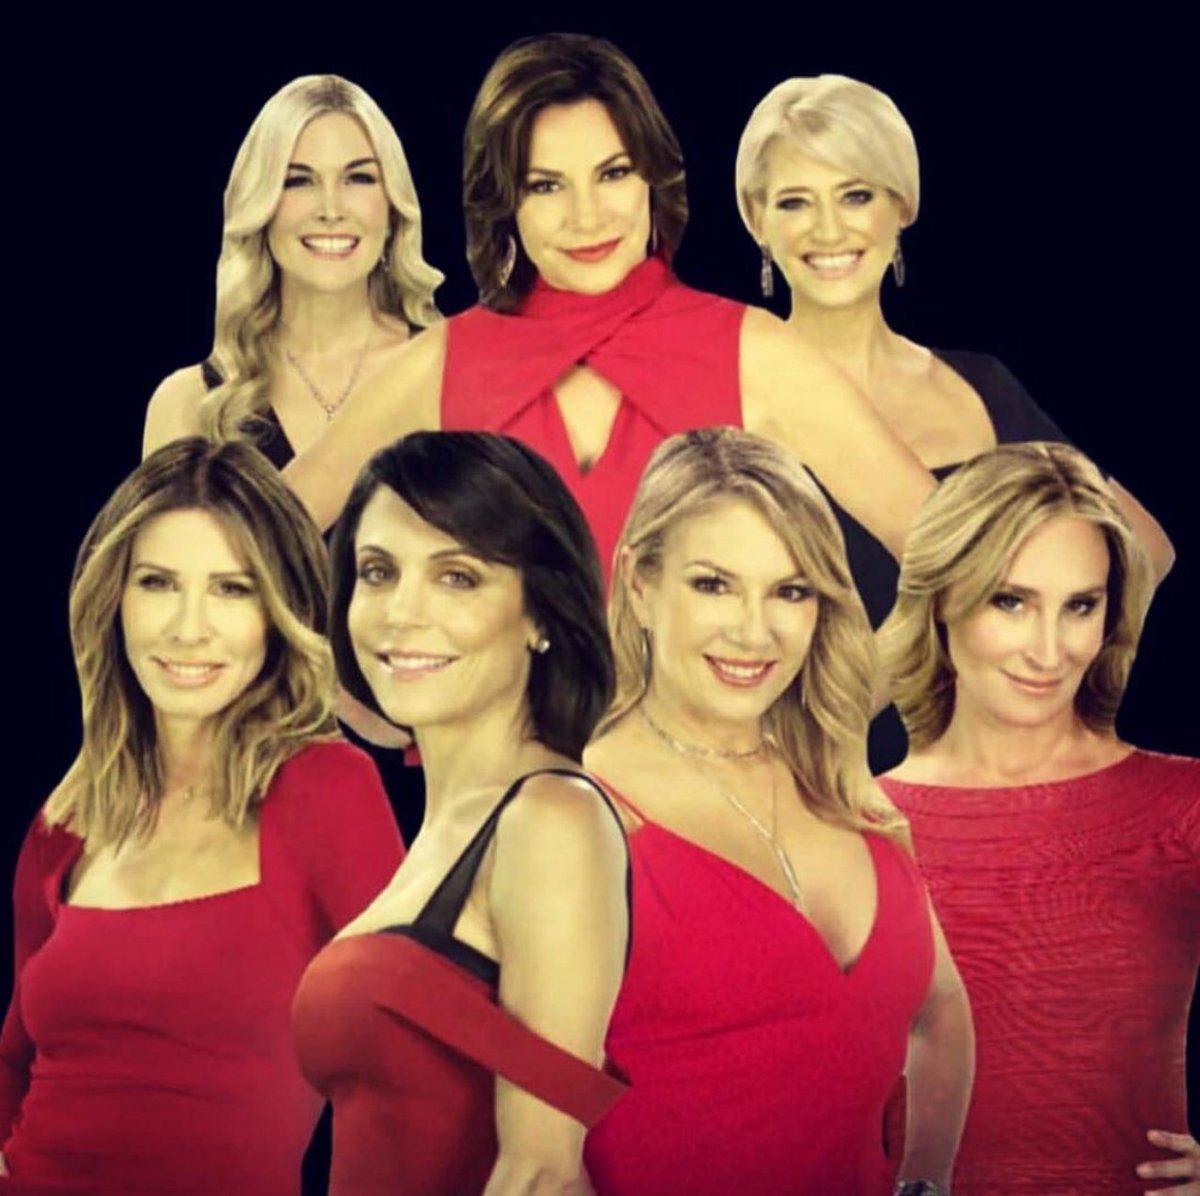 Luann De Lesseps On Twitter Rhony Season 10 Episode 3 Tonight 9